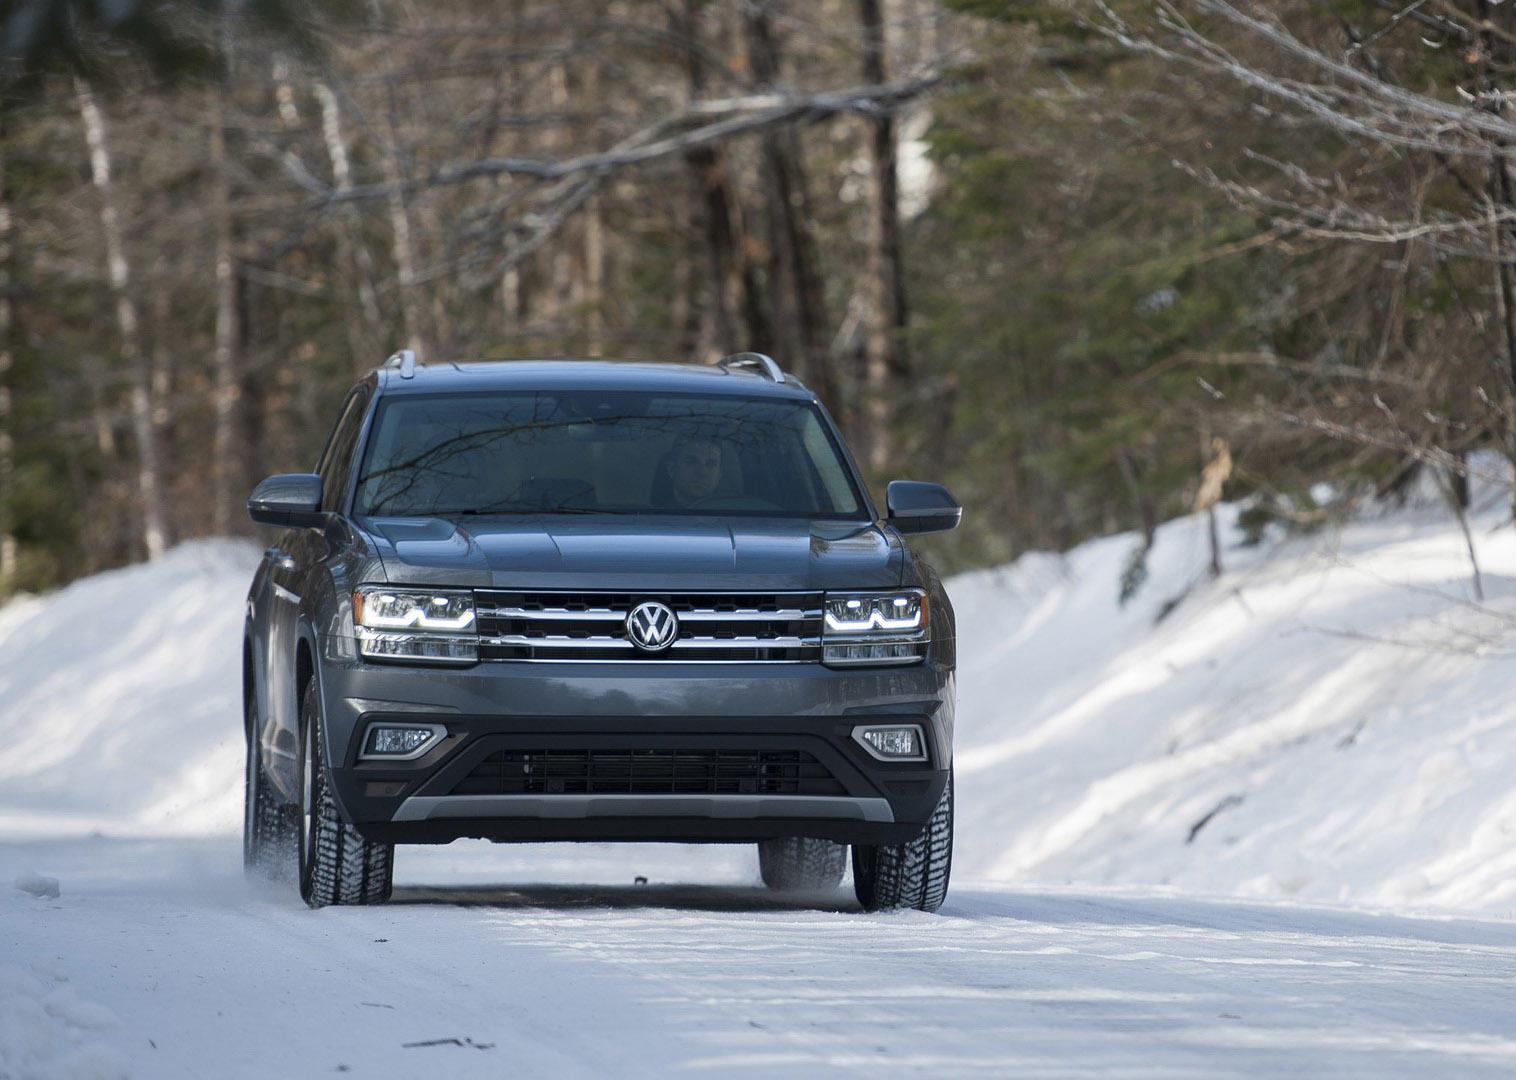 面对突如其来的大雪,老司机告诉你,为啥SUV有四驱也一样滑